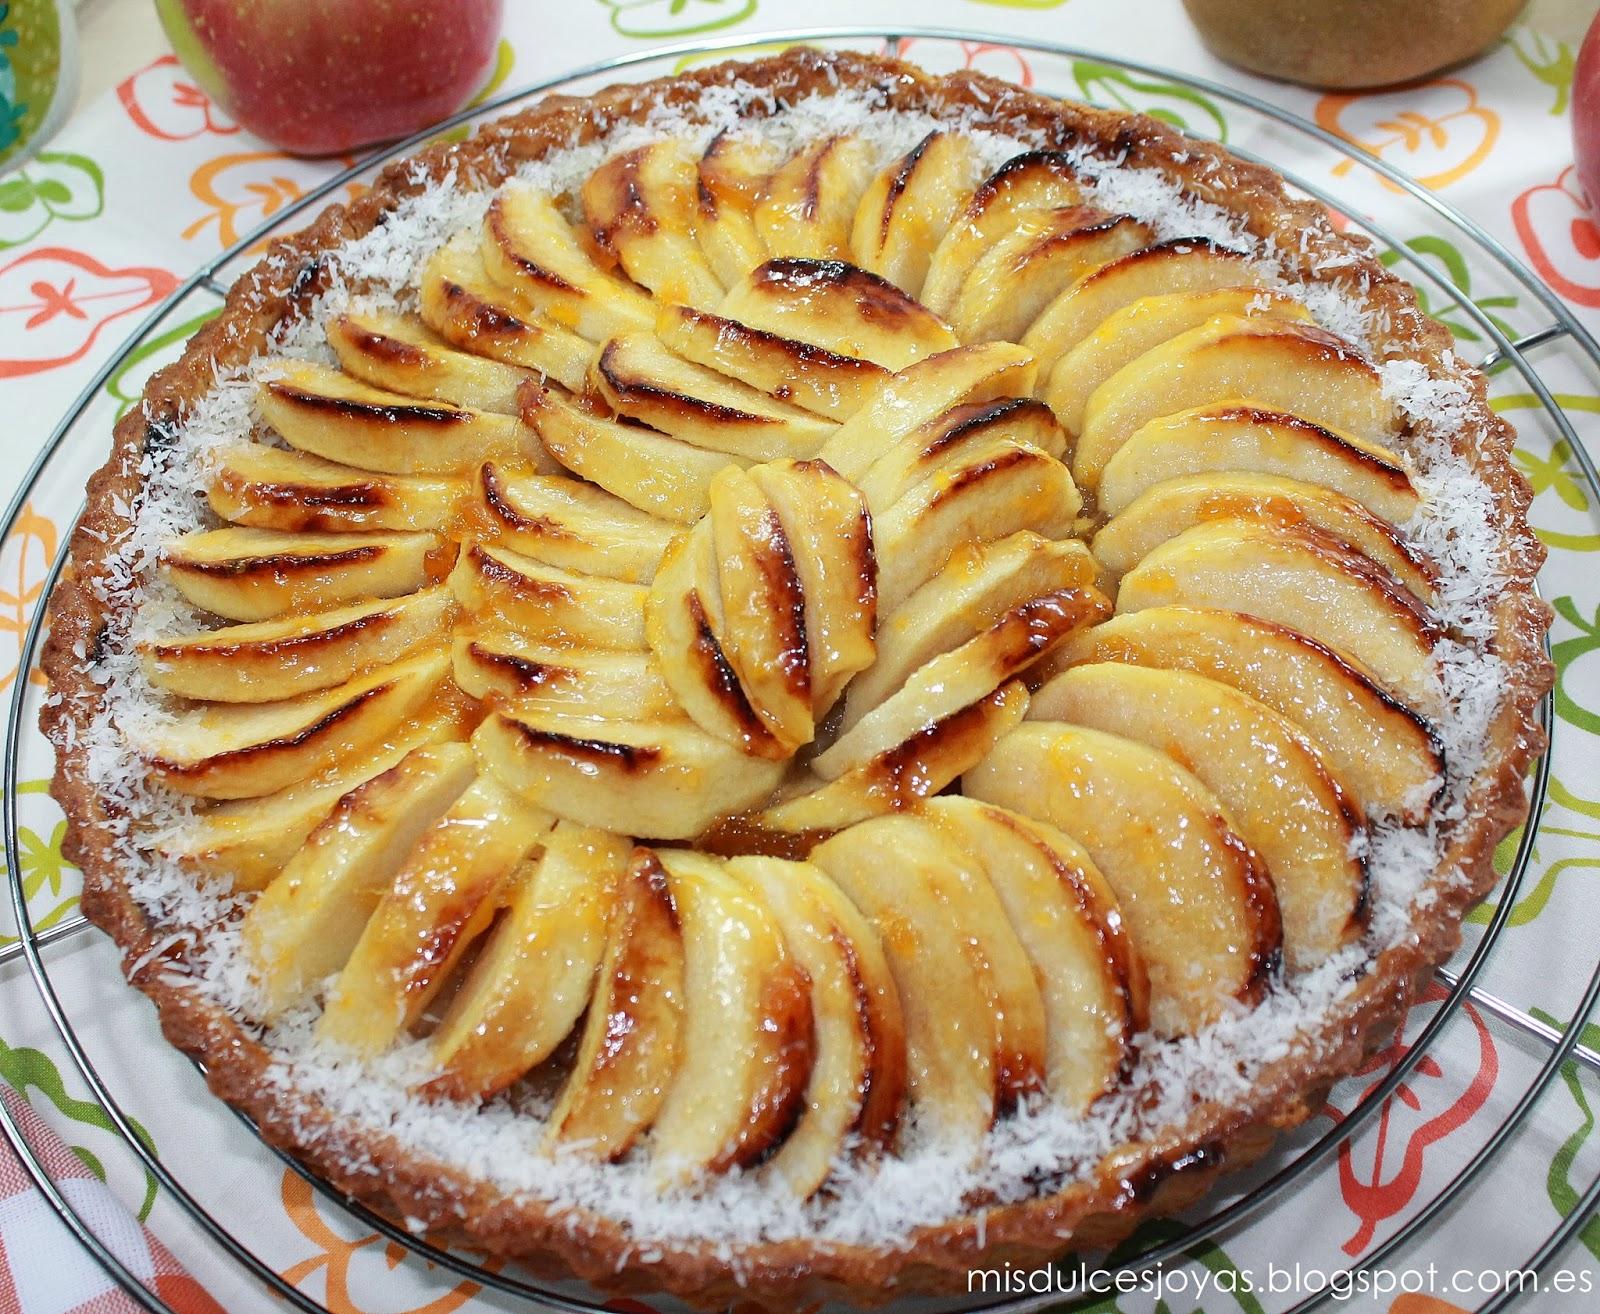 Tarta de manzana francesa mis dulces joyas for Comida francesa tipica